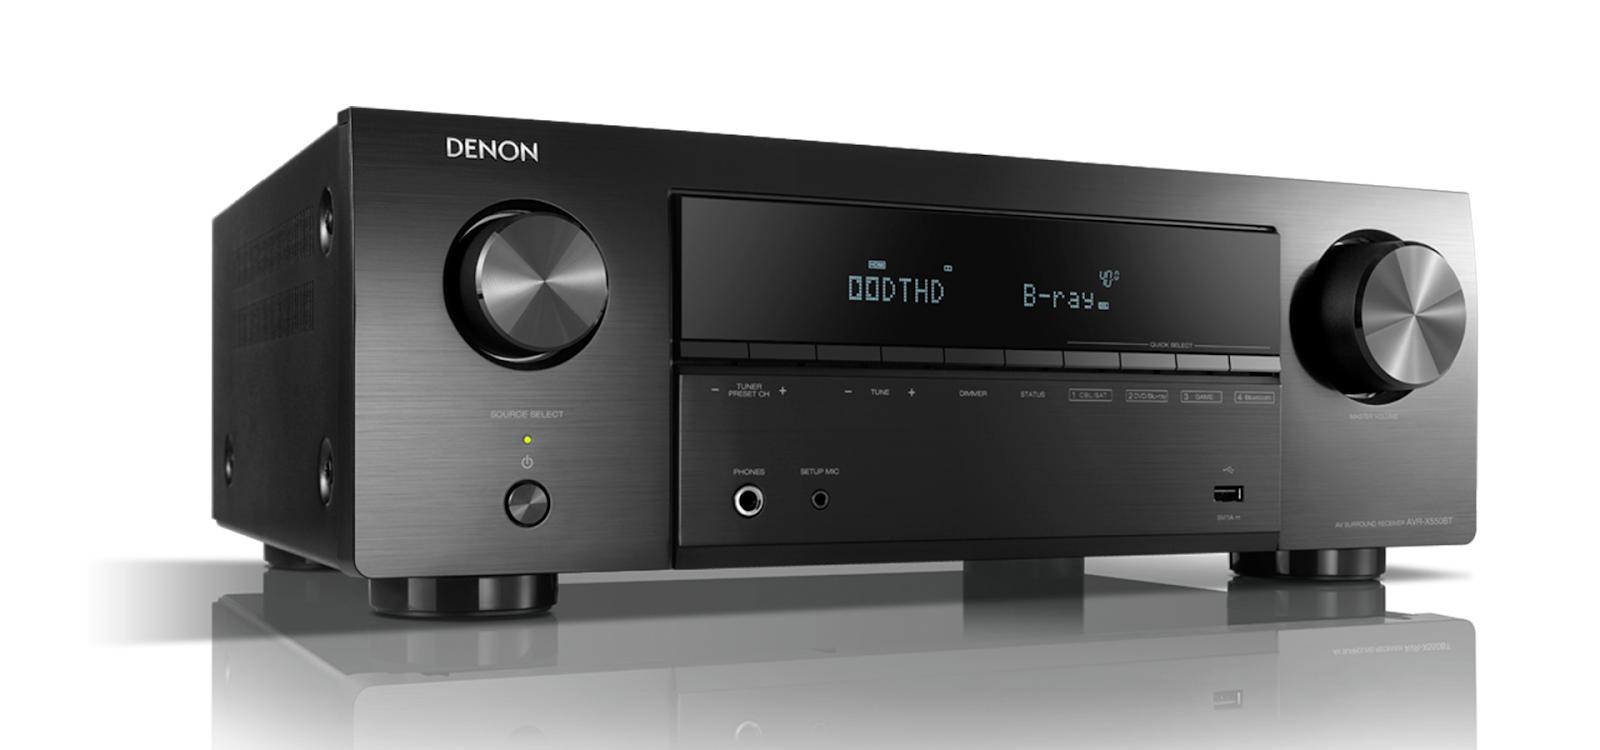 Amply Denon X550BT đa kênh 5.2 chaaa + Bộ loa 5.1 Klipsch F200 - 2